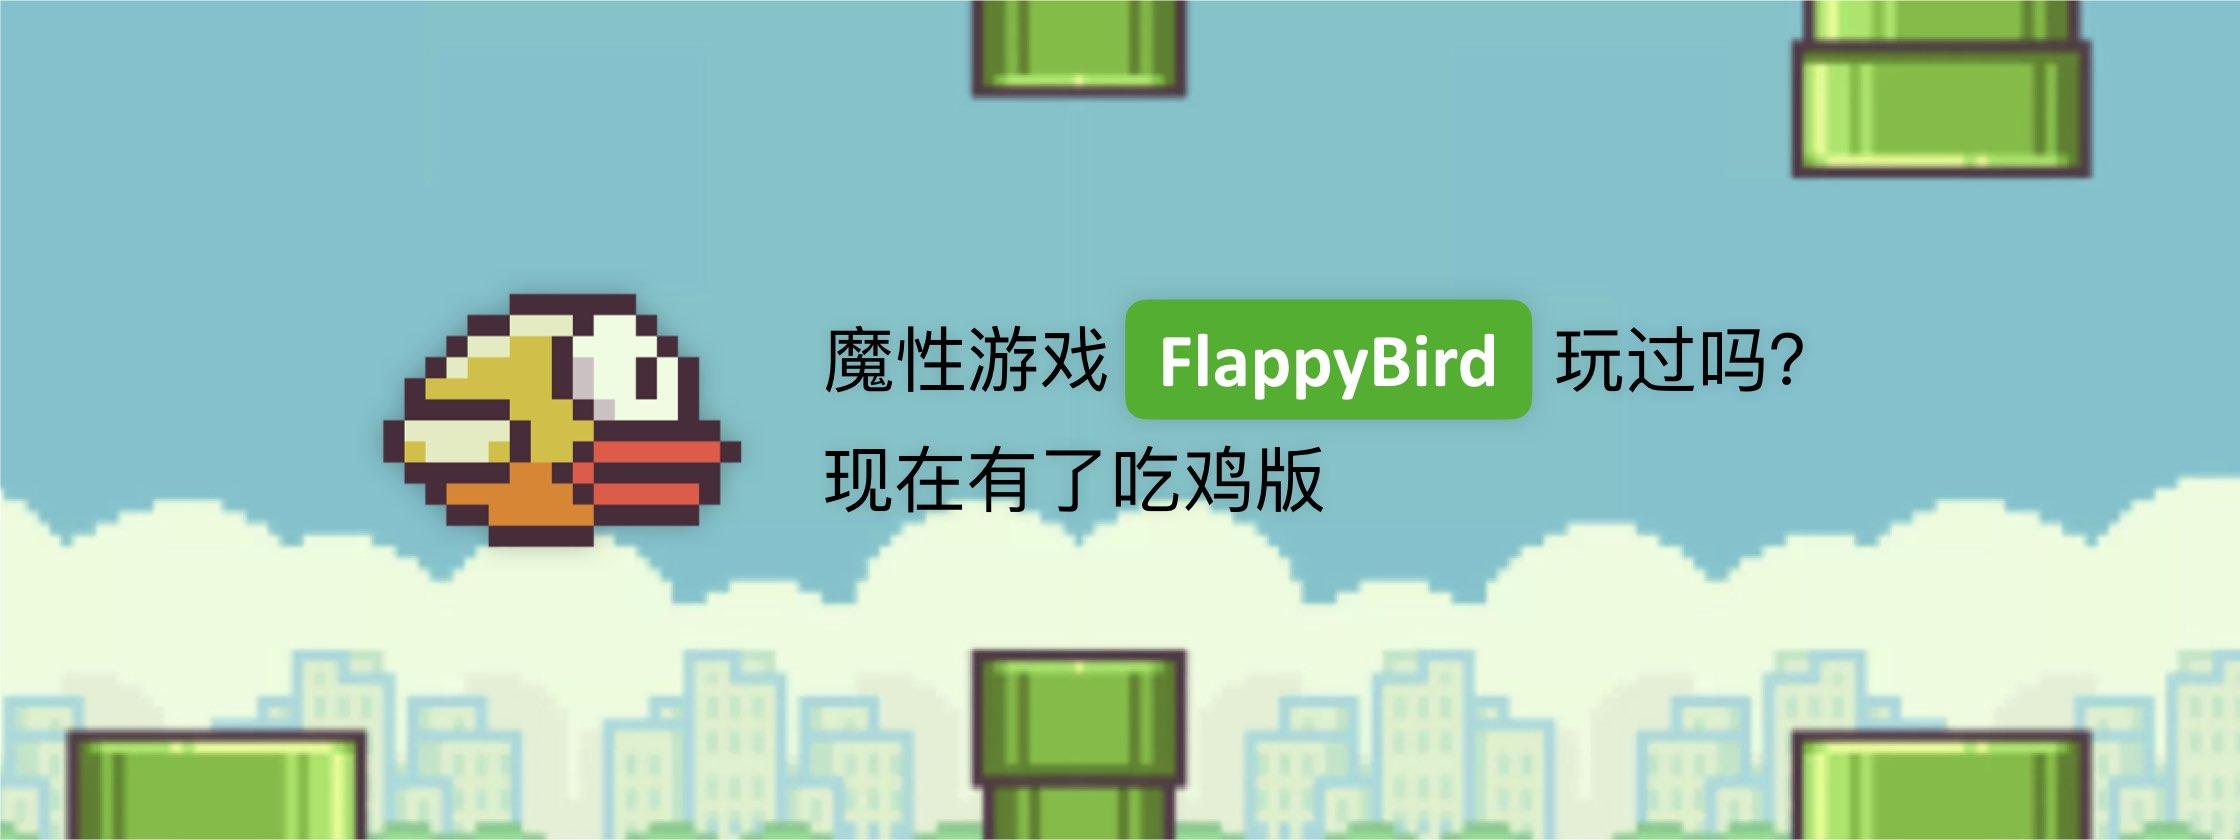 魔性游戏 FlappyBird 玩过吗?现在有了吃鸡版!